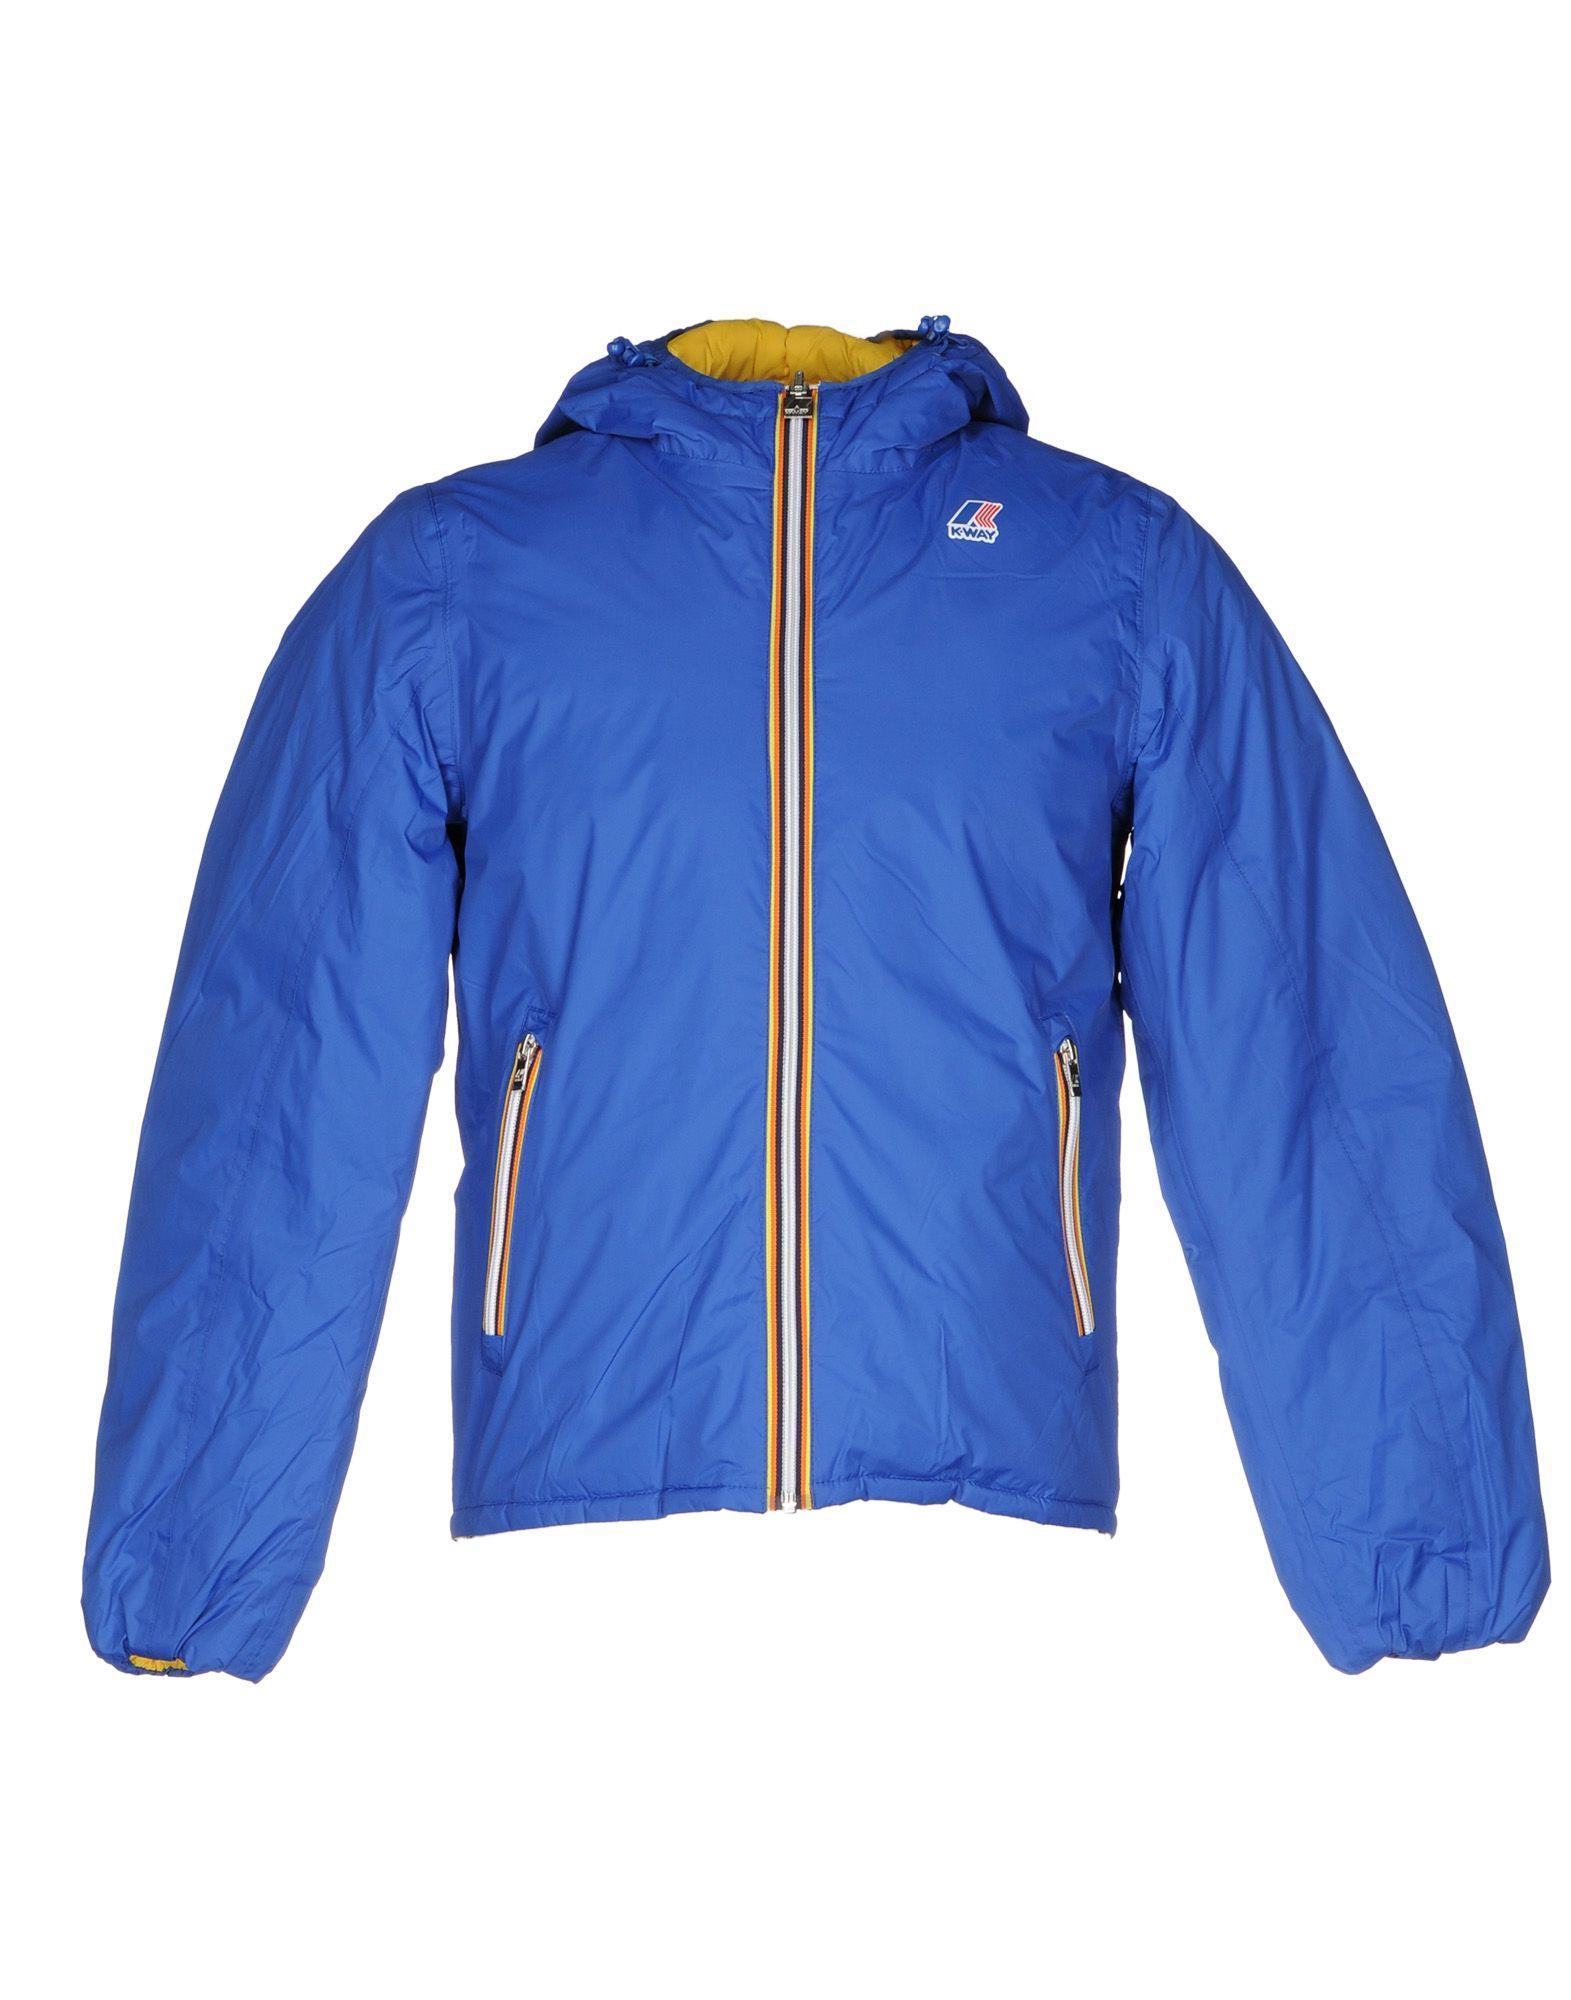 K-way Down Jacket In Blue